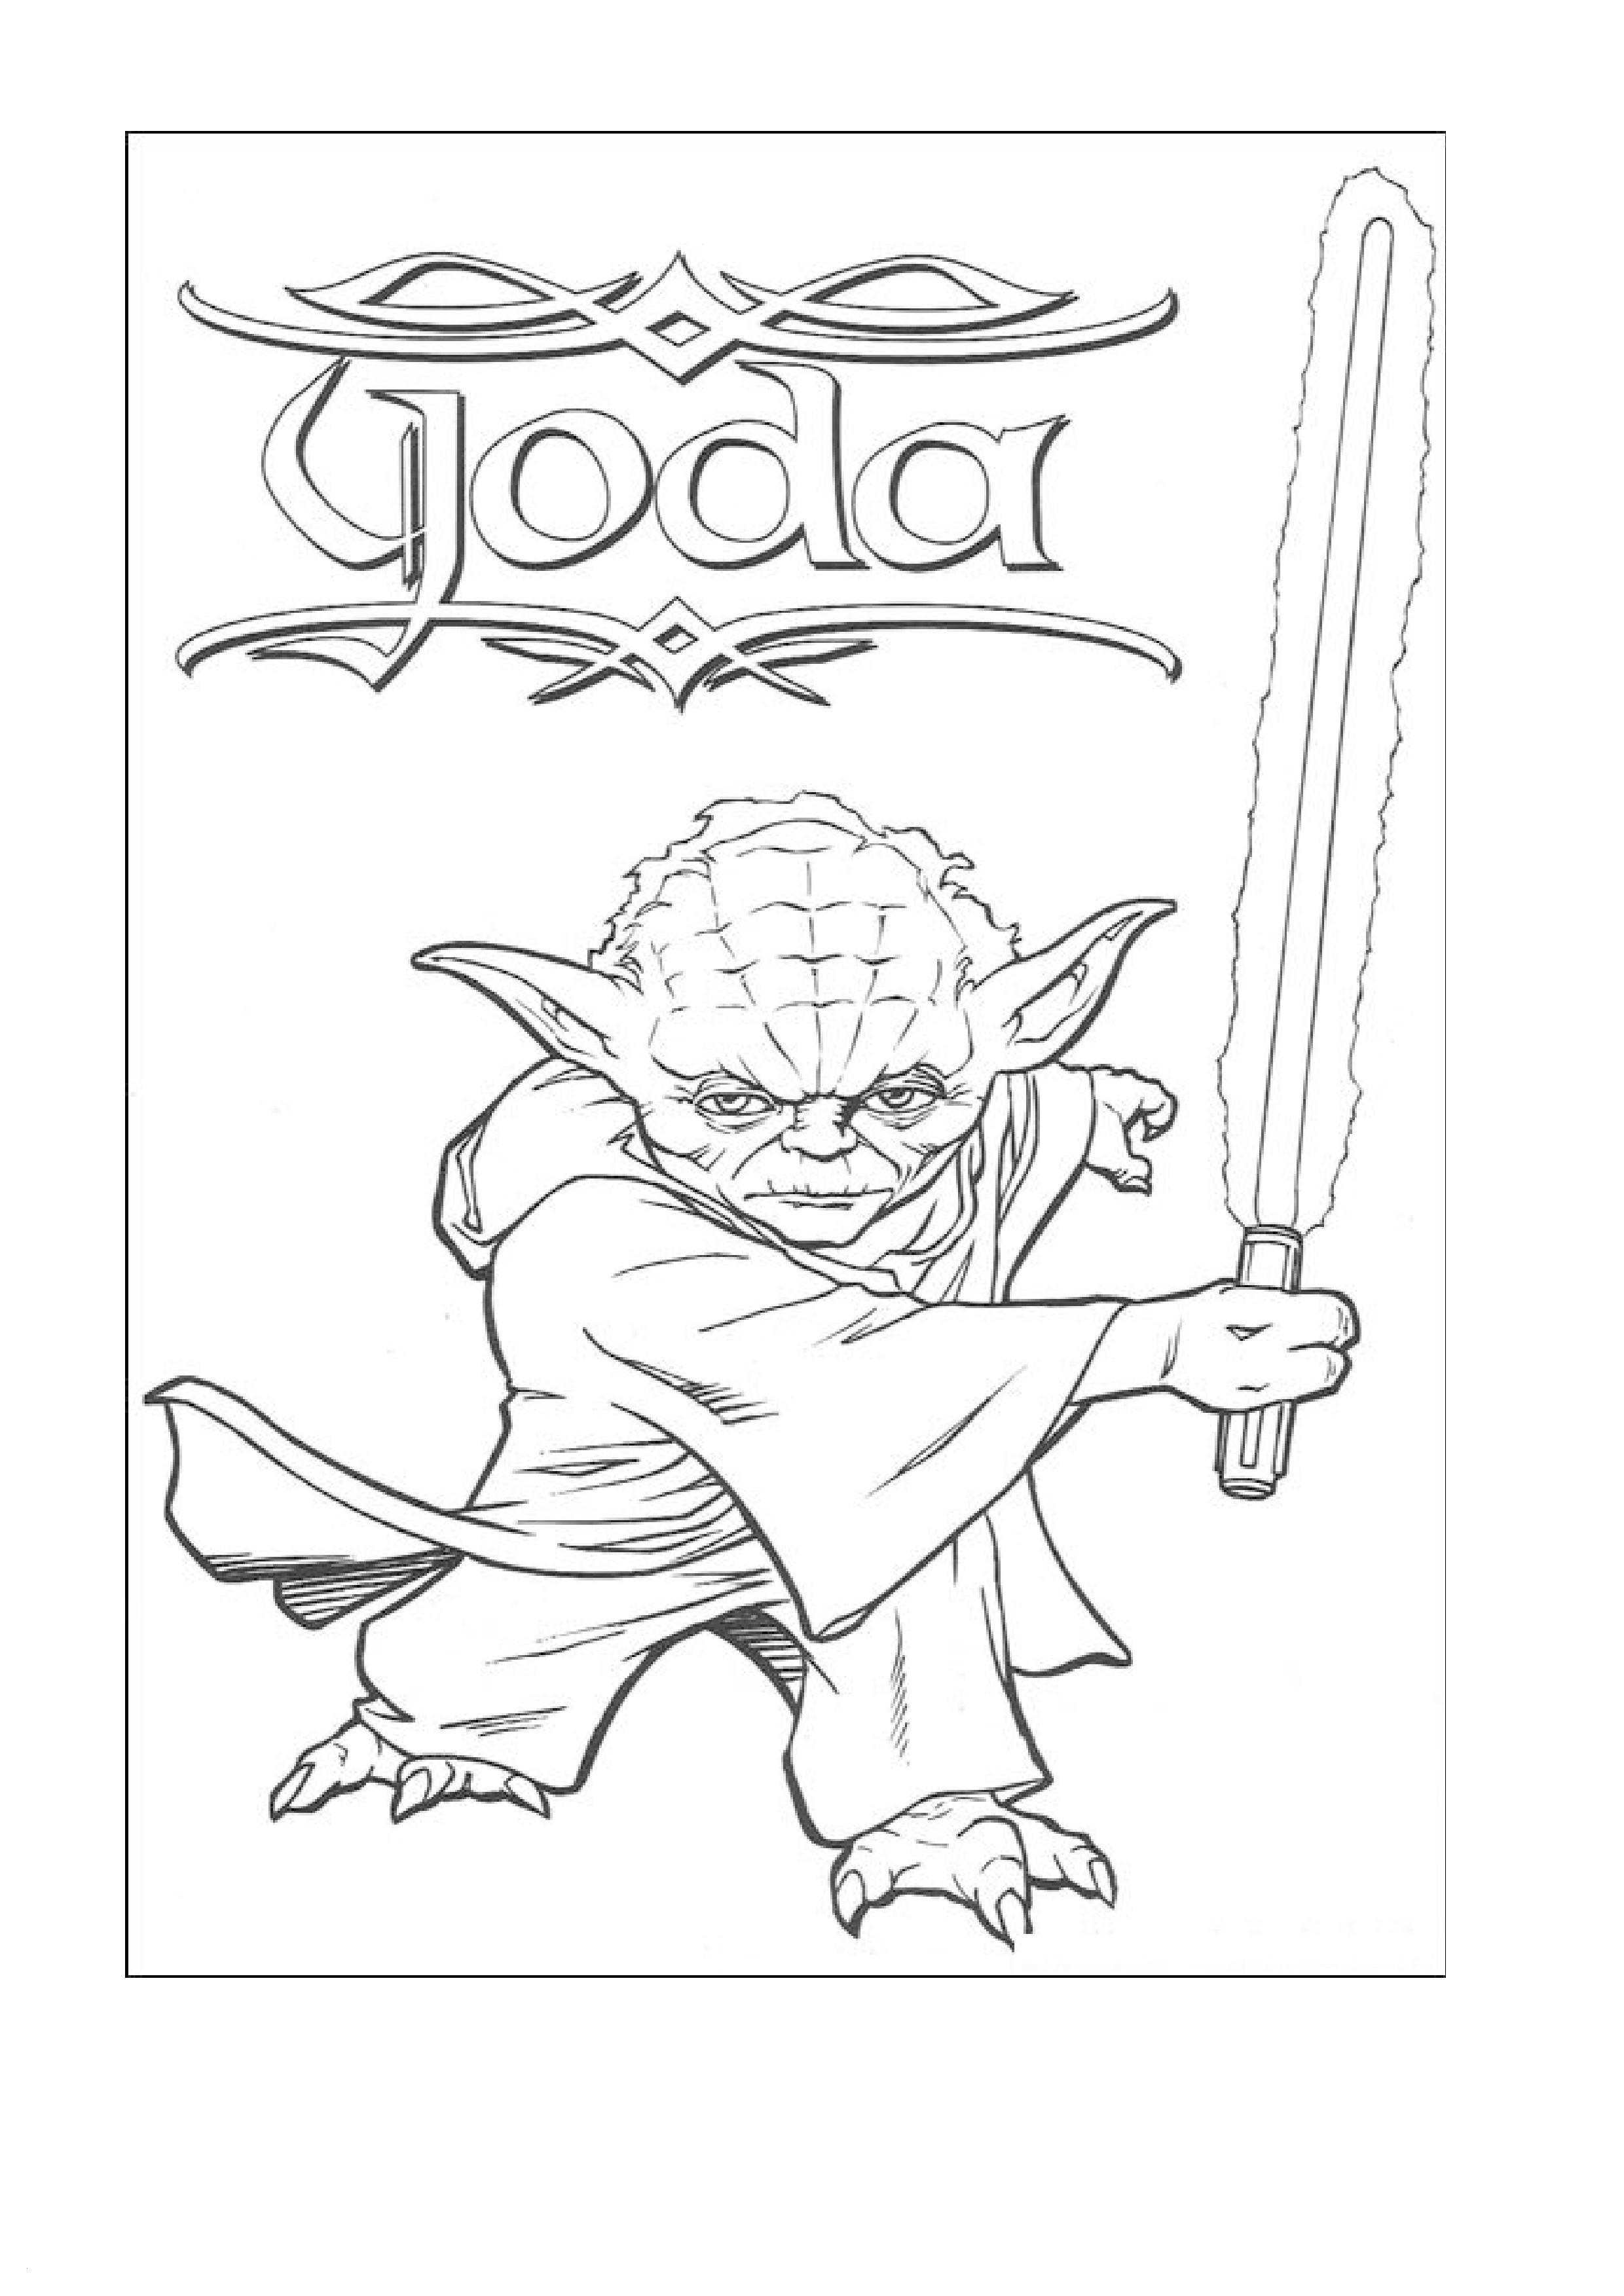 Seepferdchen Zum Ausmalen Genial Yoda Ausmalbilder Elegant Star Wars Free Coloring Pages Awesome Star Fotografieren